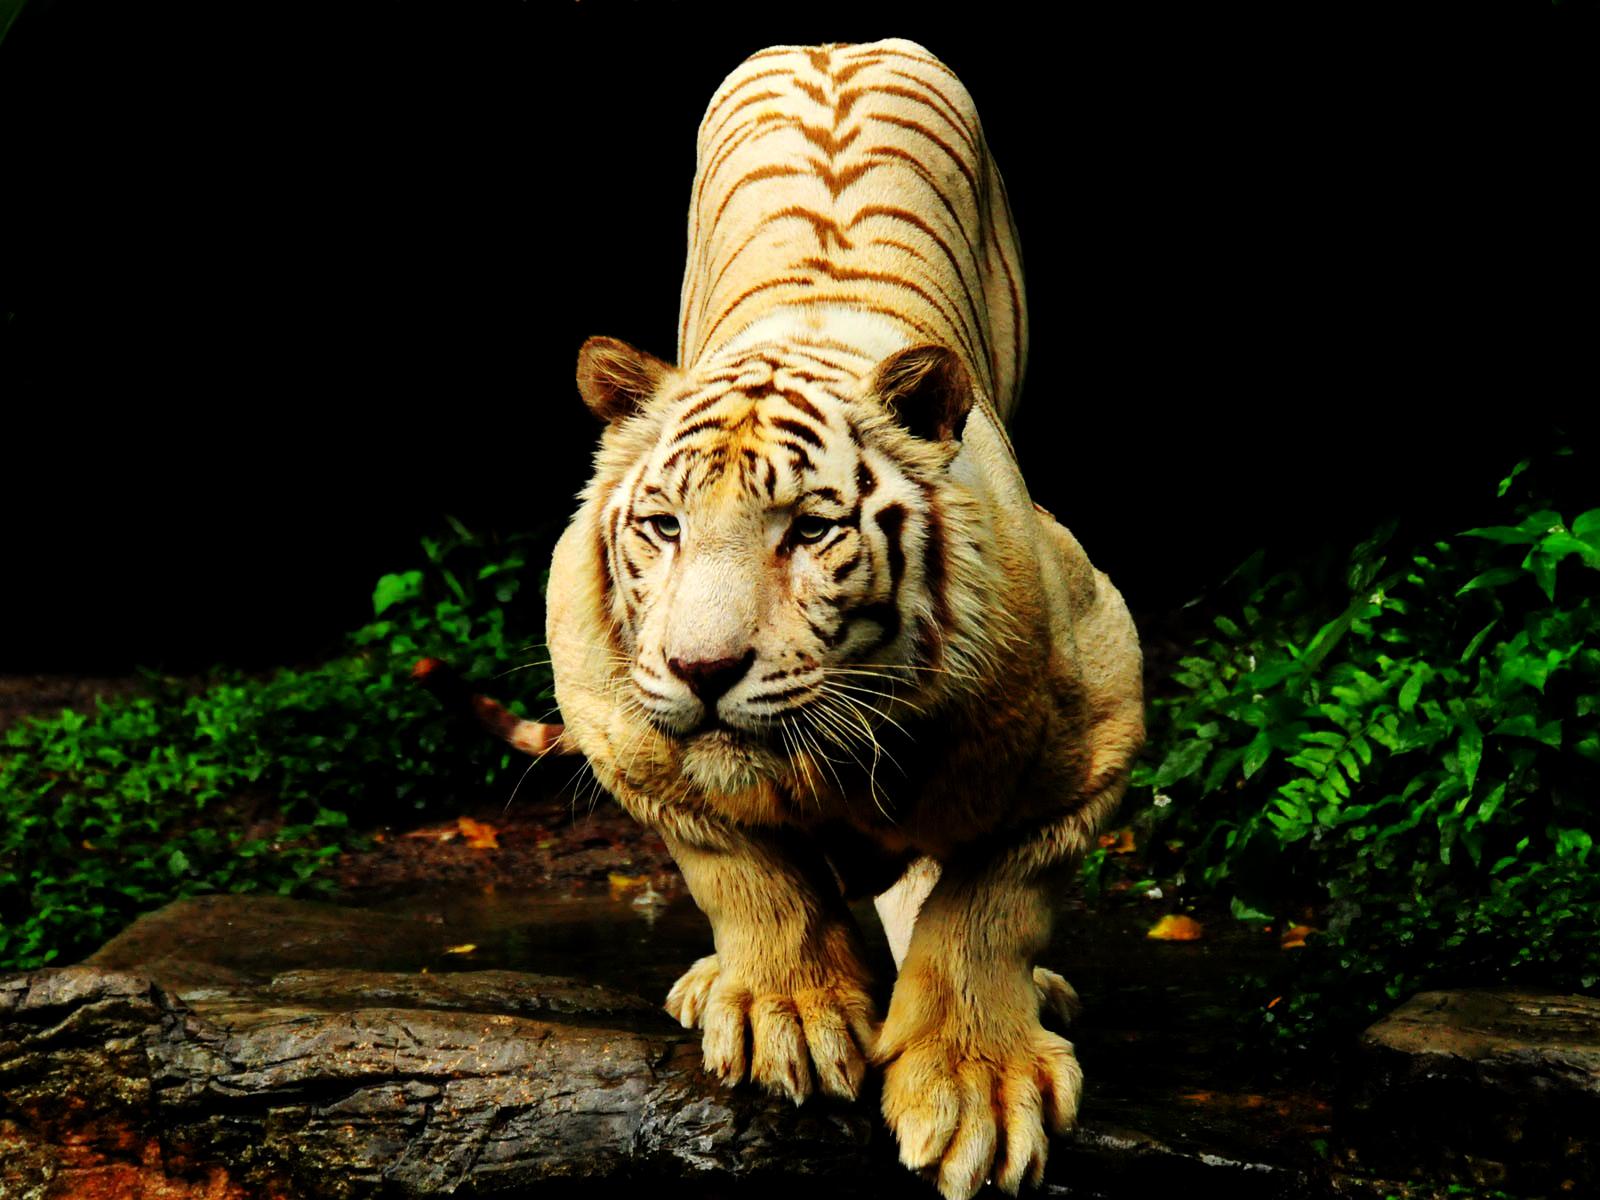 Desktop Hd Tiger Attack Pics: Colors Of Nature Tiger HD Wallpapers